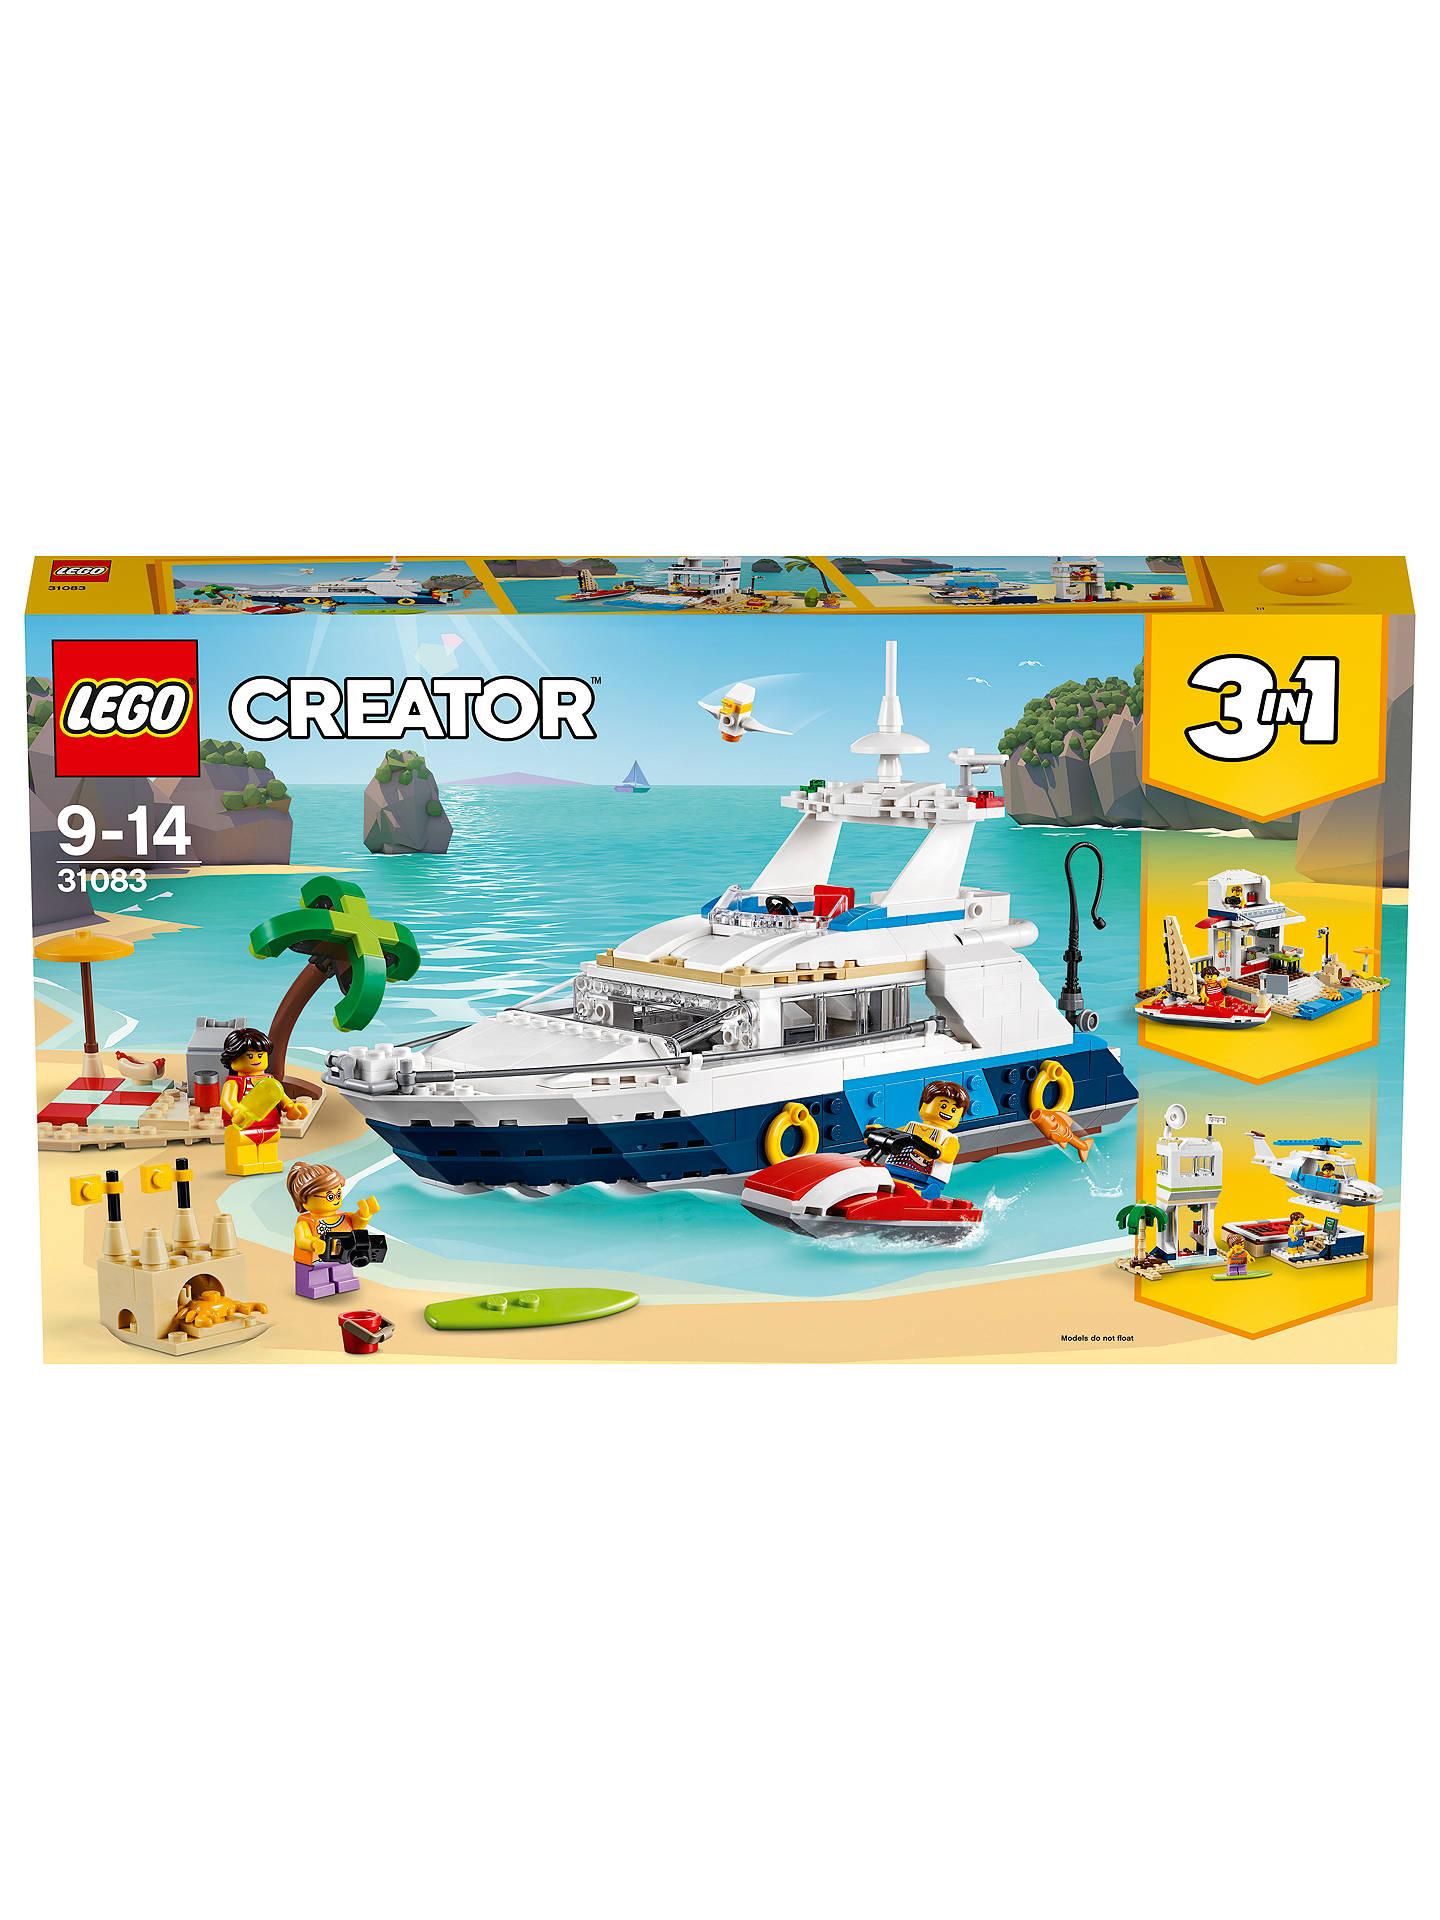 LEGO Creator 31083 3-in-1 Cruising Adventures